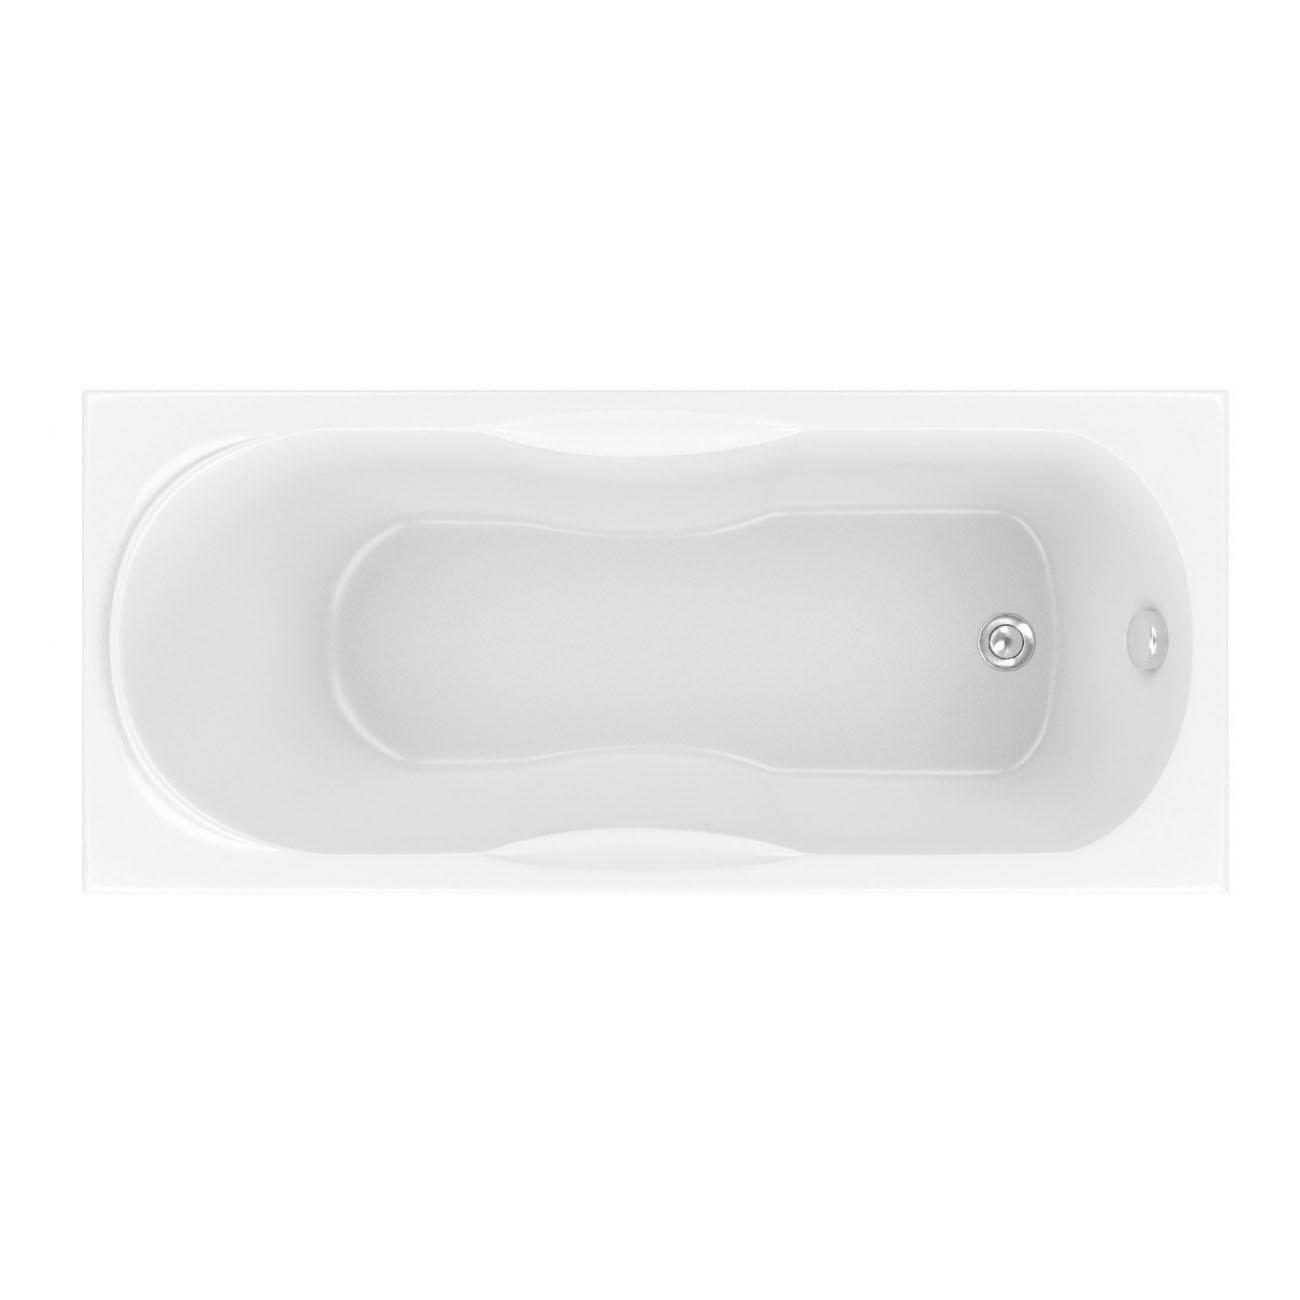 Акриловая ванна Bas Рио 150х70 без гидромассажа bas кэмерон 120х70 без гидромассажа